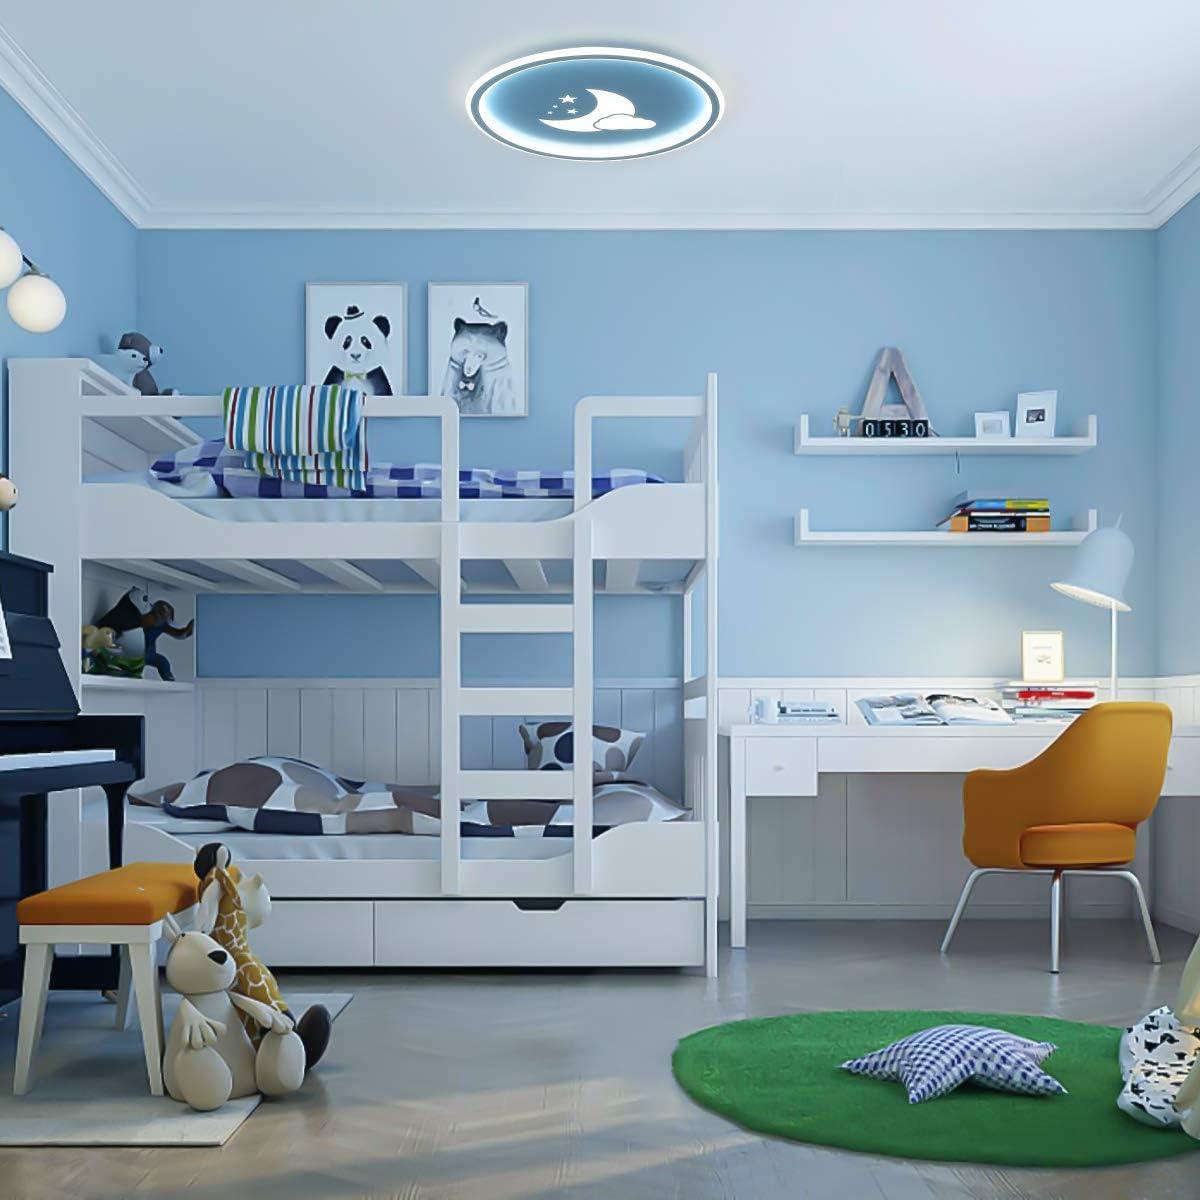 Deckenlampe Kinderzimmer Blau mit Wolke//Mond//Sterne f/ür Jungen Rund 40X40CM LED Deckenleuchte Dimmbar Fernbedienung f/ür Schlafzimmer 36W 3000K-6000K 2700LM